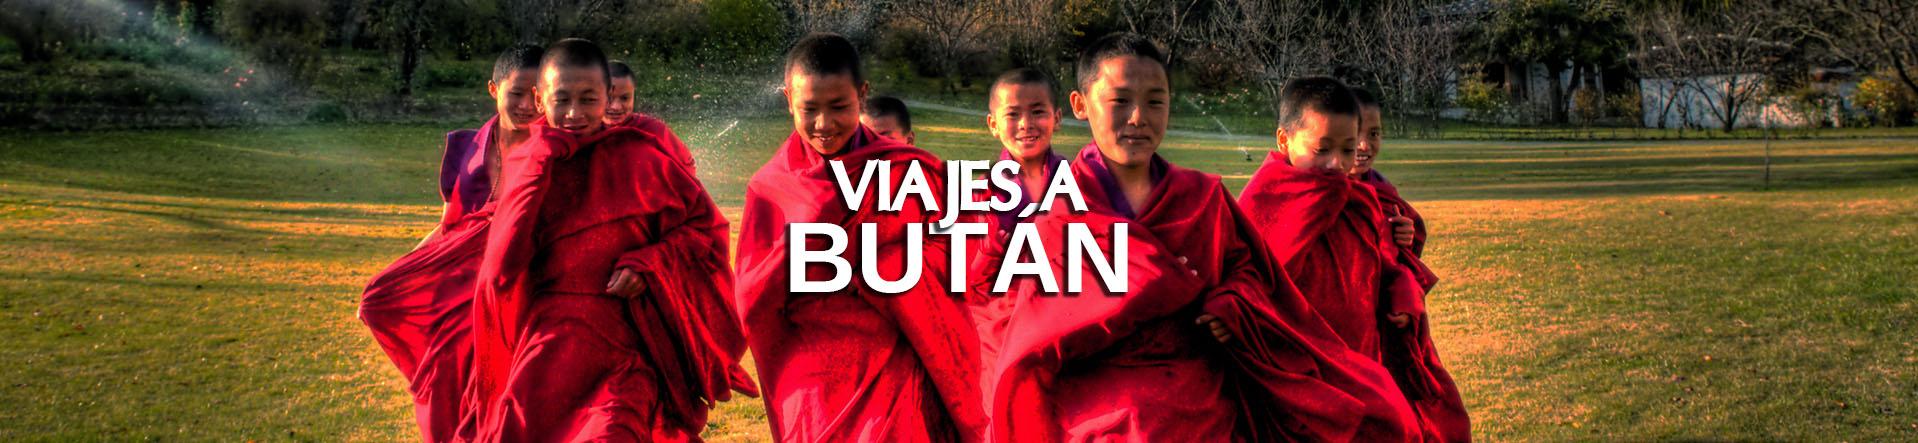 Bután desde Argentina